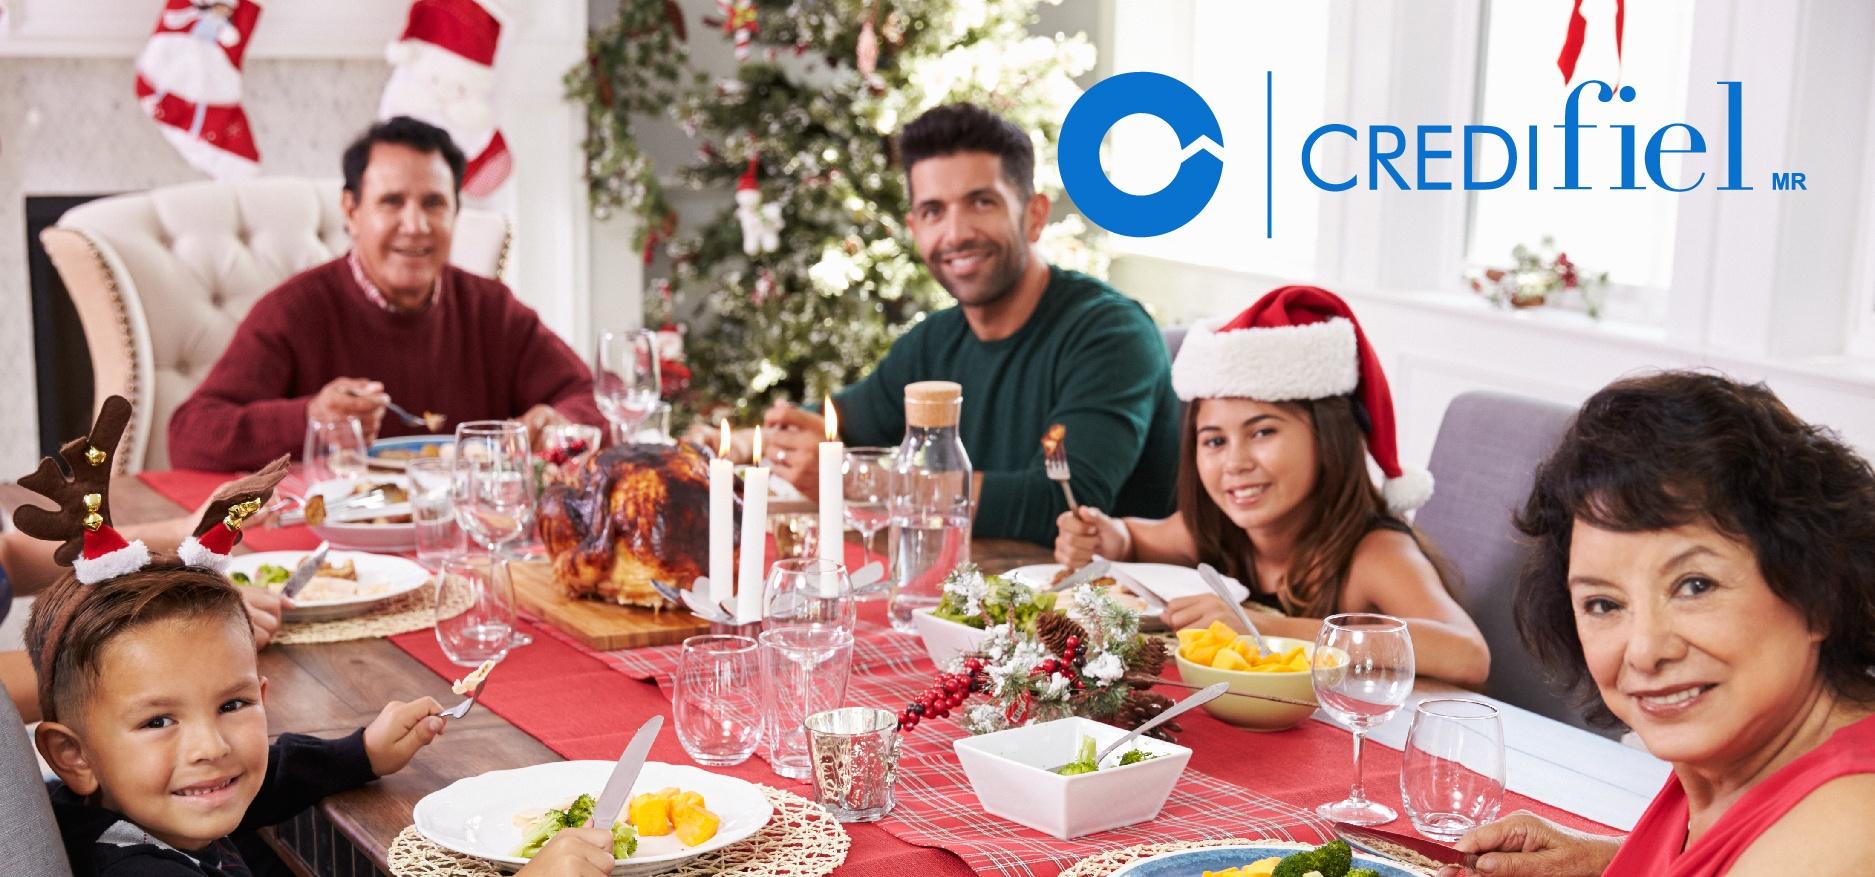 art-02-Como-ahorrar-en-la-cena-navidena